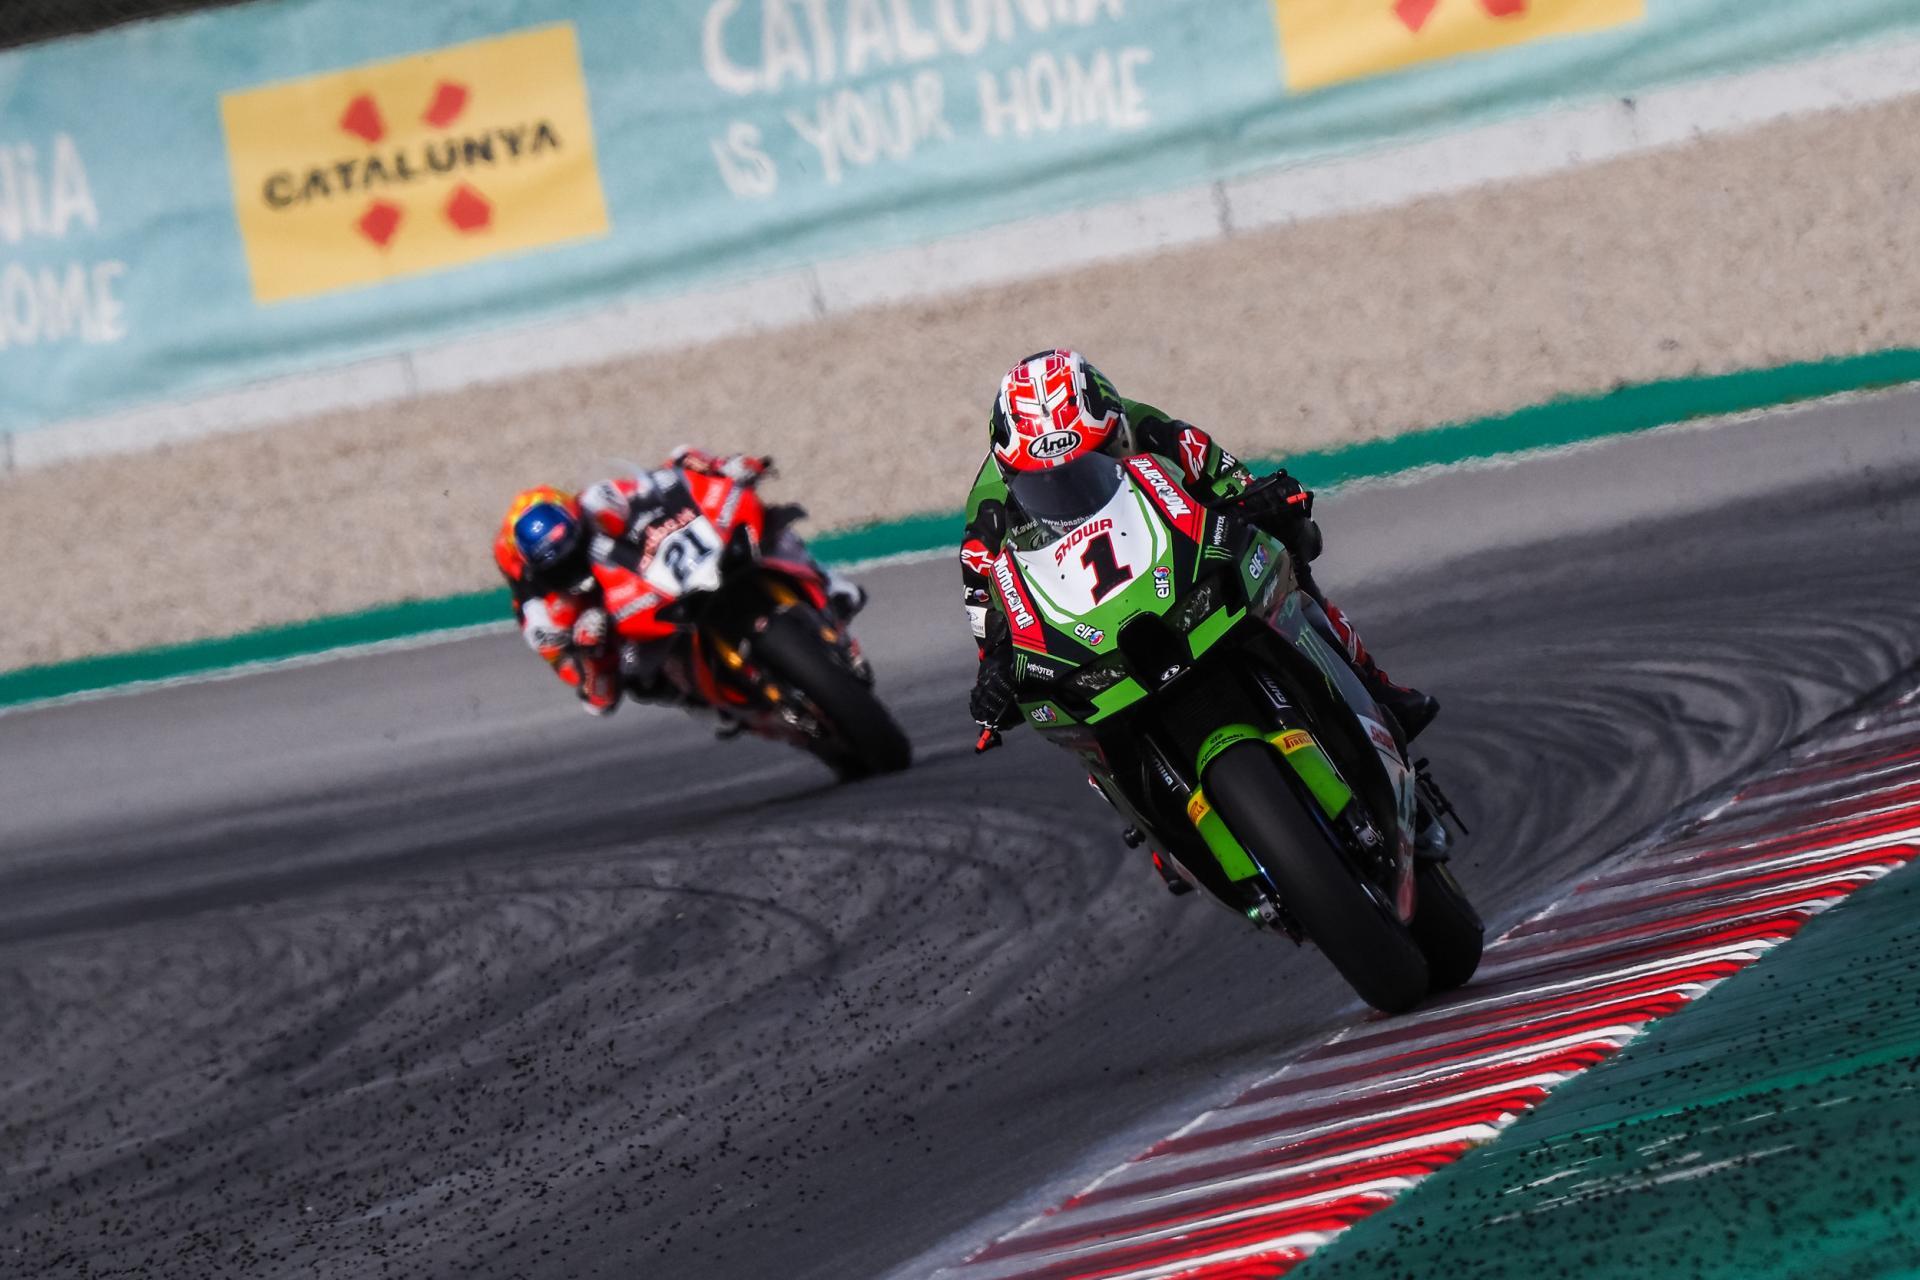 Finalizan los test del WorldSBK en el Circuit de Catalunya. Manda Rea